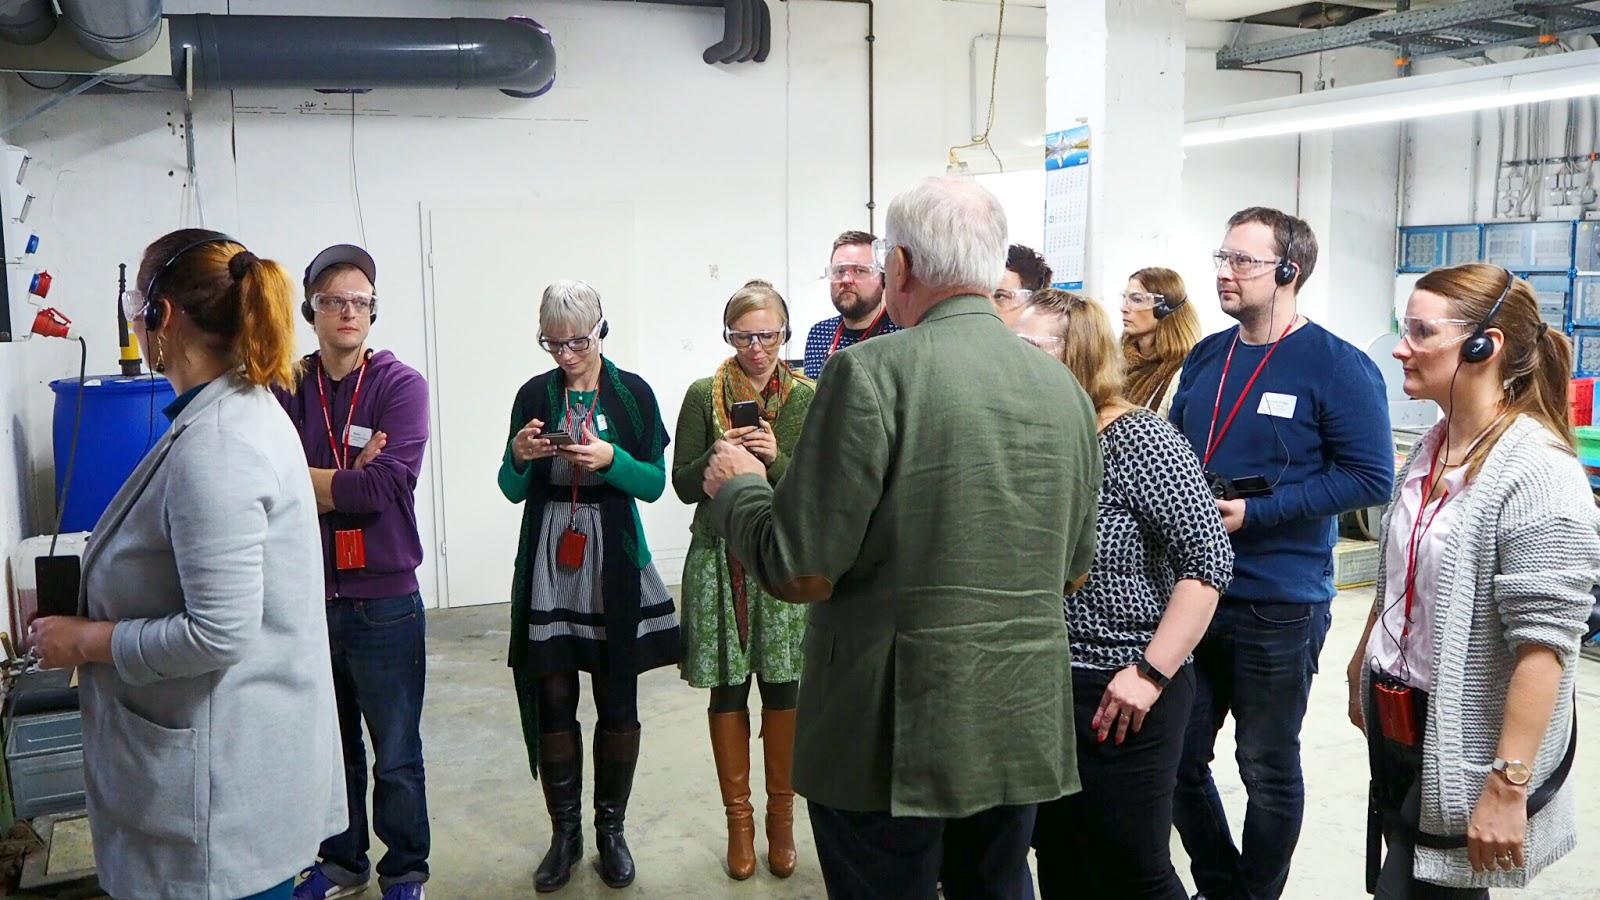 Bloggerführung im Werk von addi by Selter